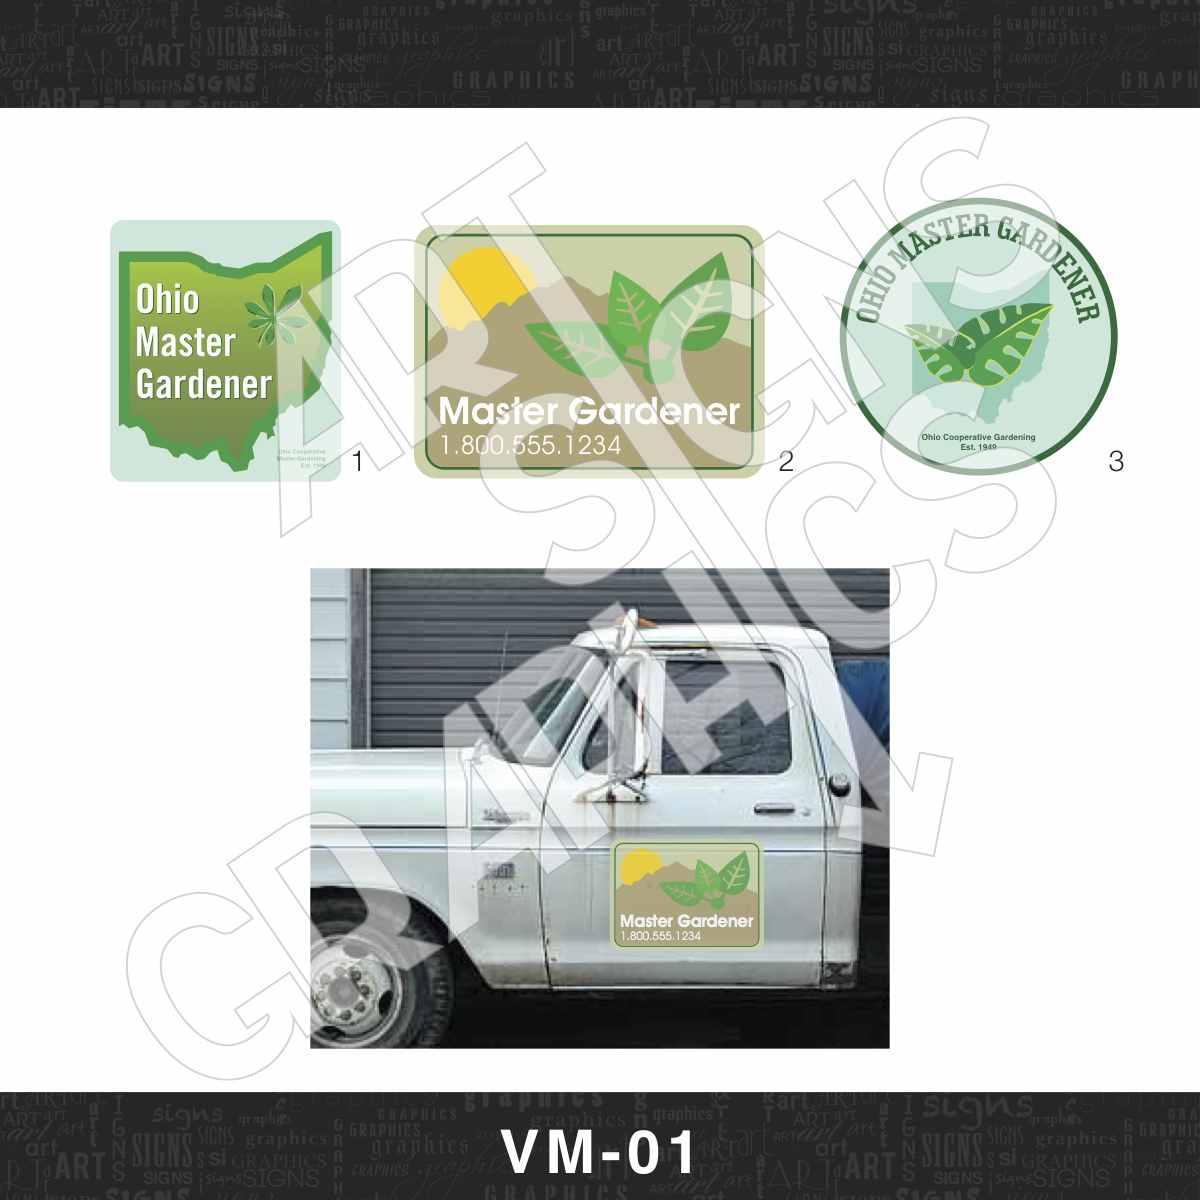 VM_01.jpg